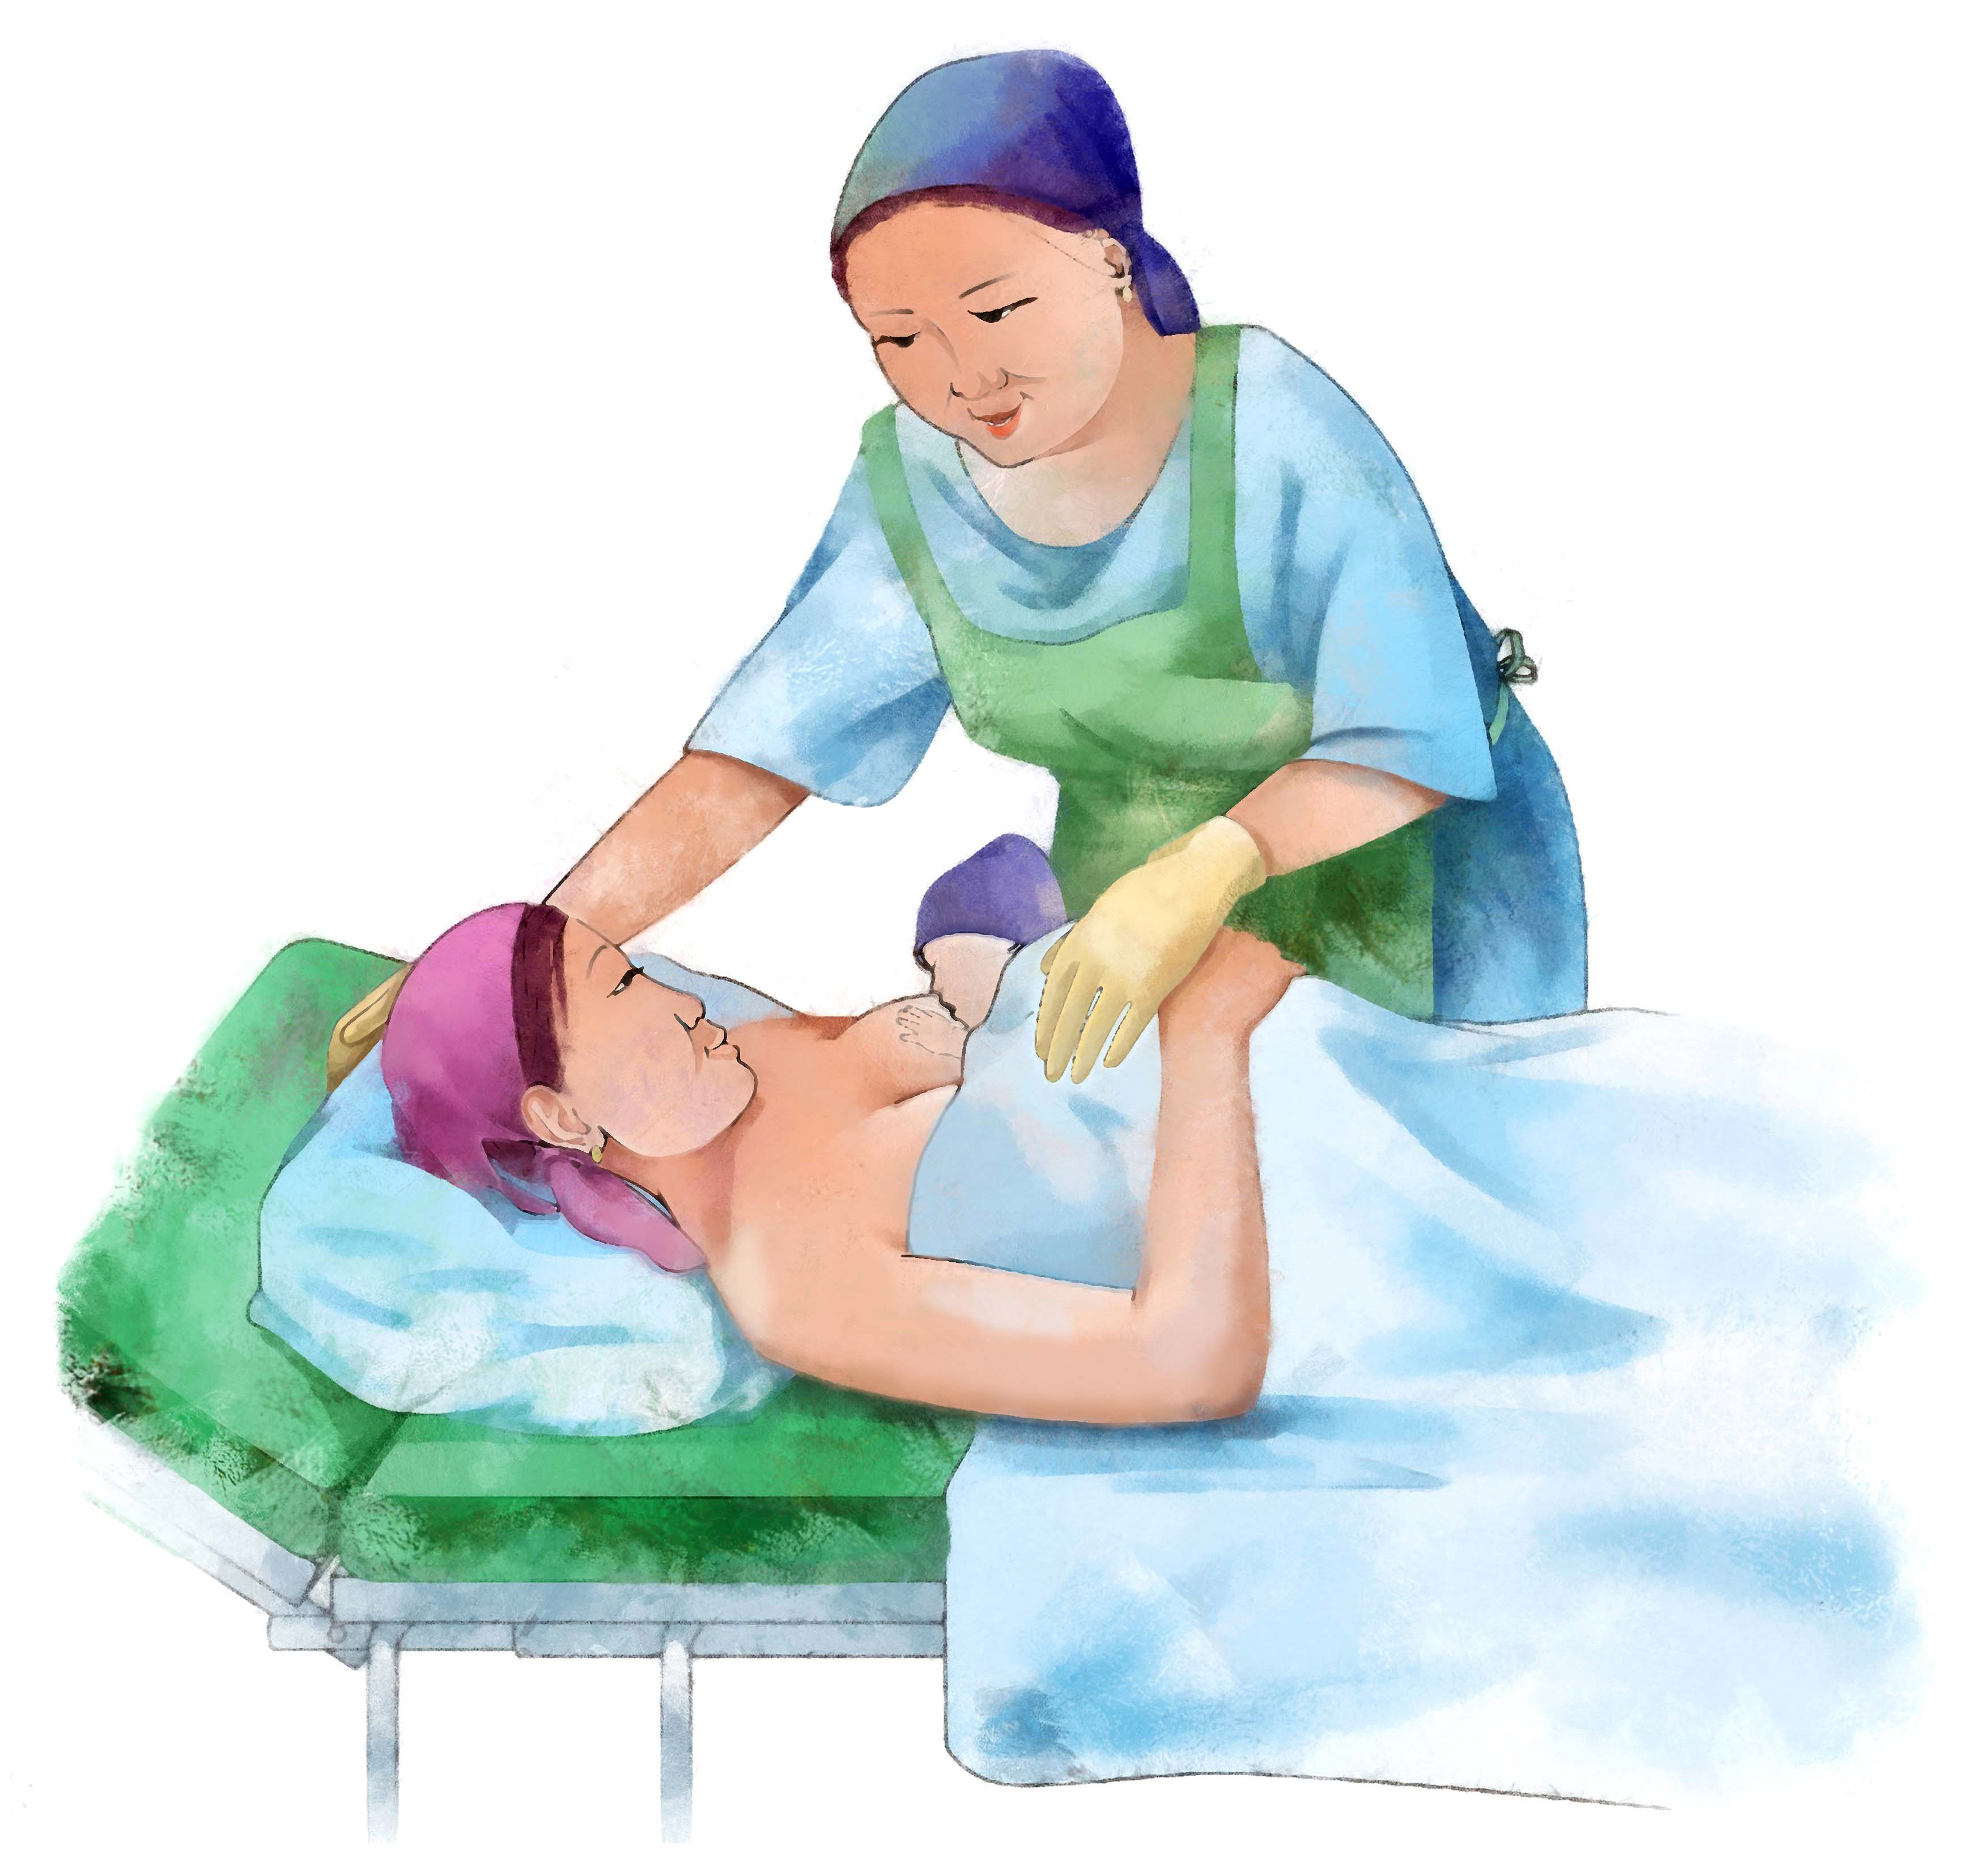 Lactation and breastfeeding 01 10